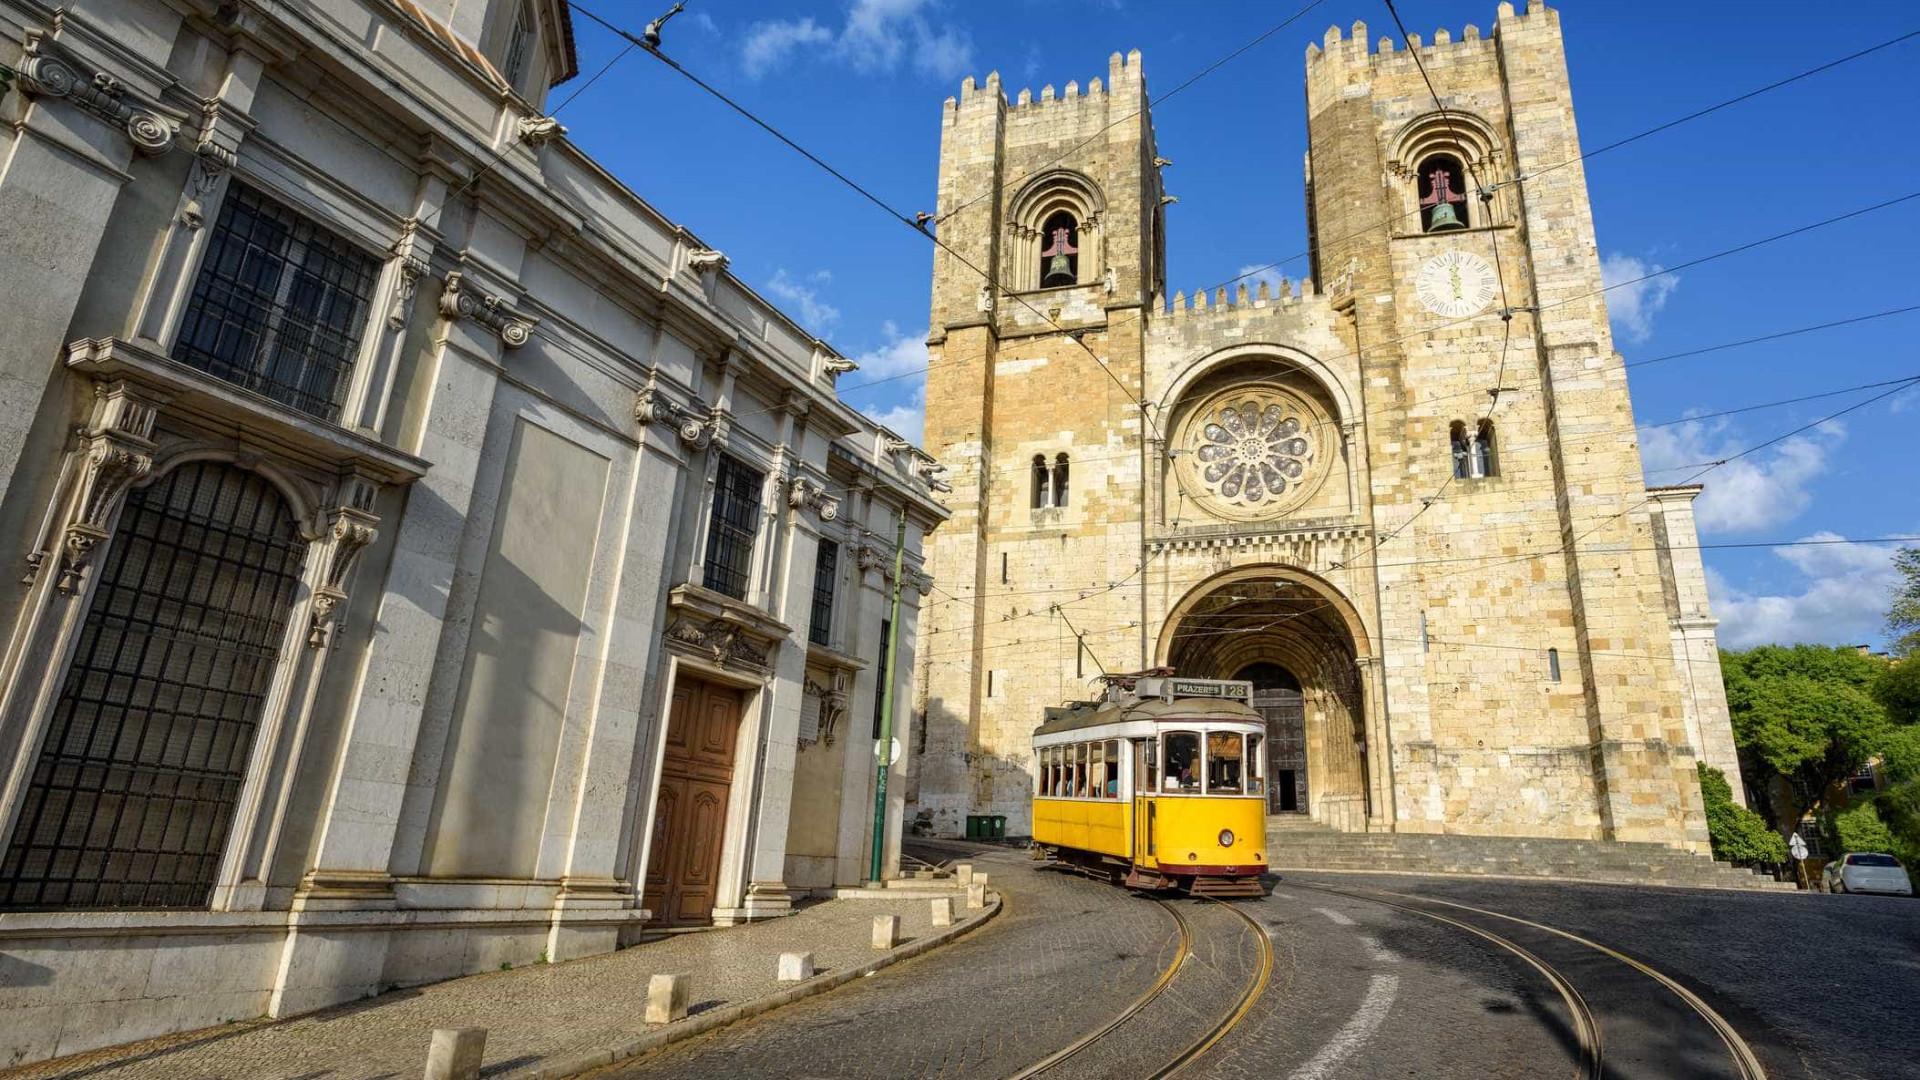 """Lisboa é """"a paragem perfeita""""? Time Out Nova Iorque foi descobrir porquê"""